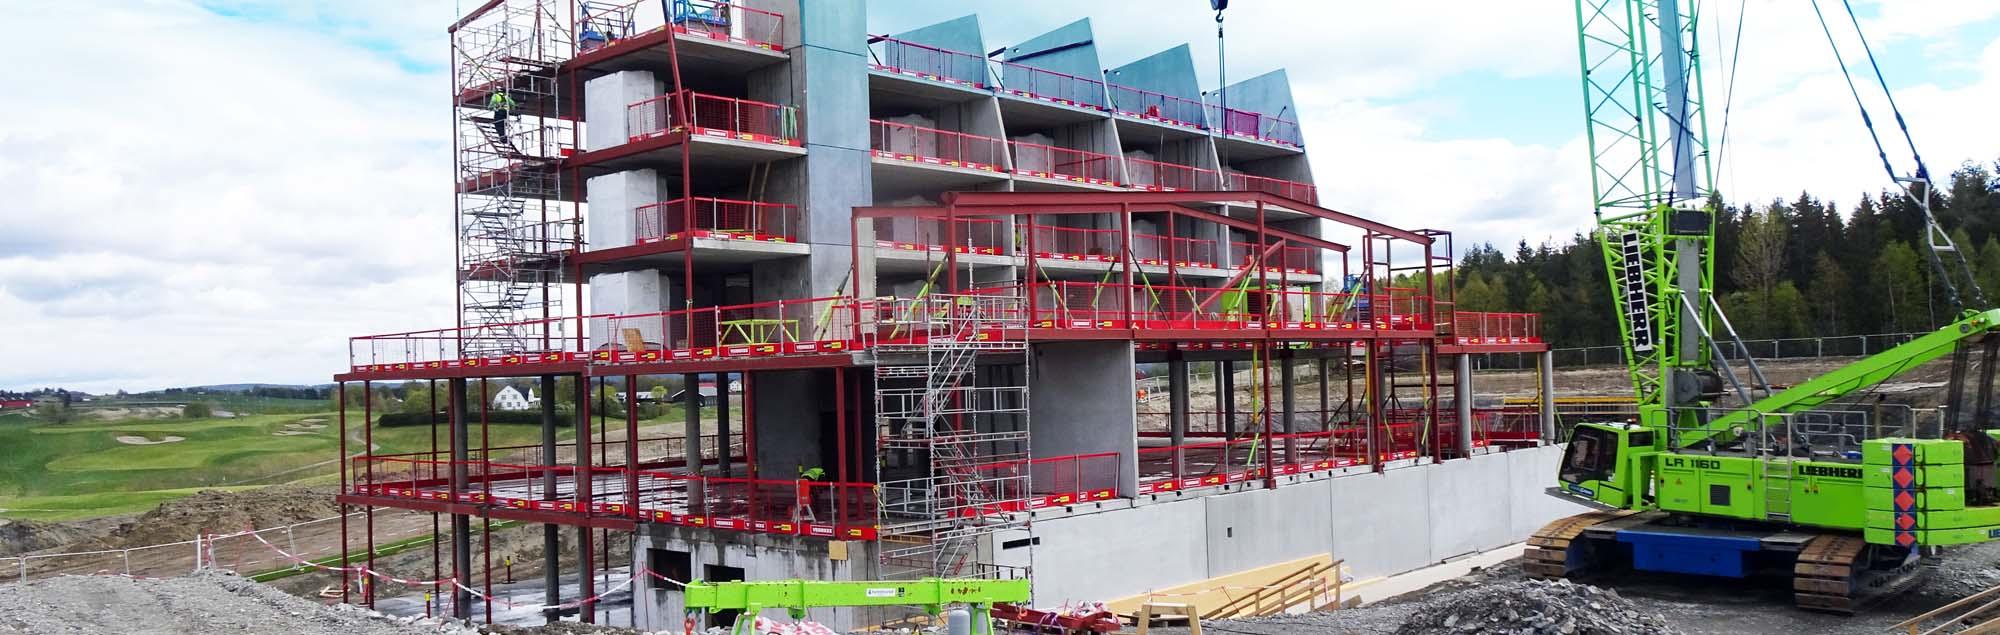 Levererar och monterar betong till Miklagard Hotell